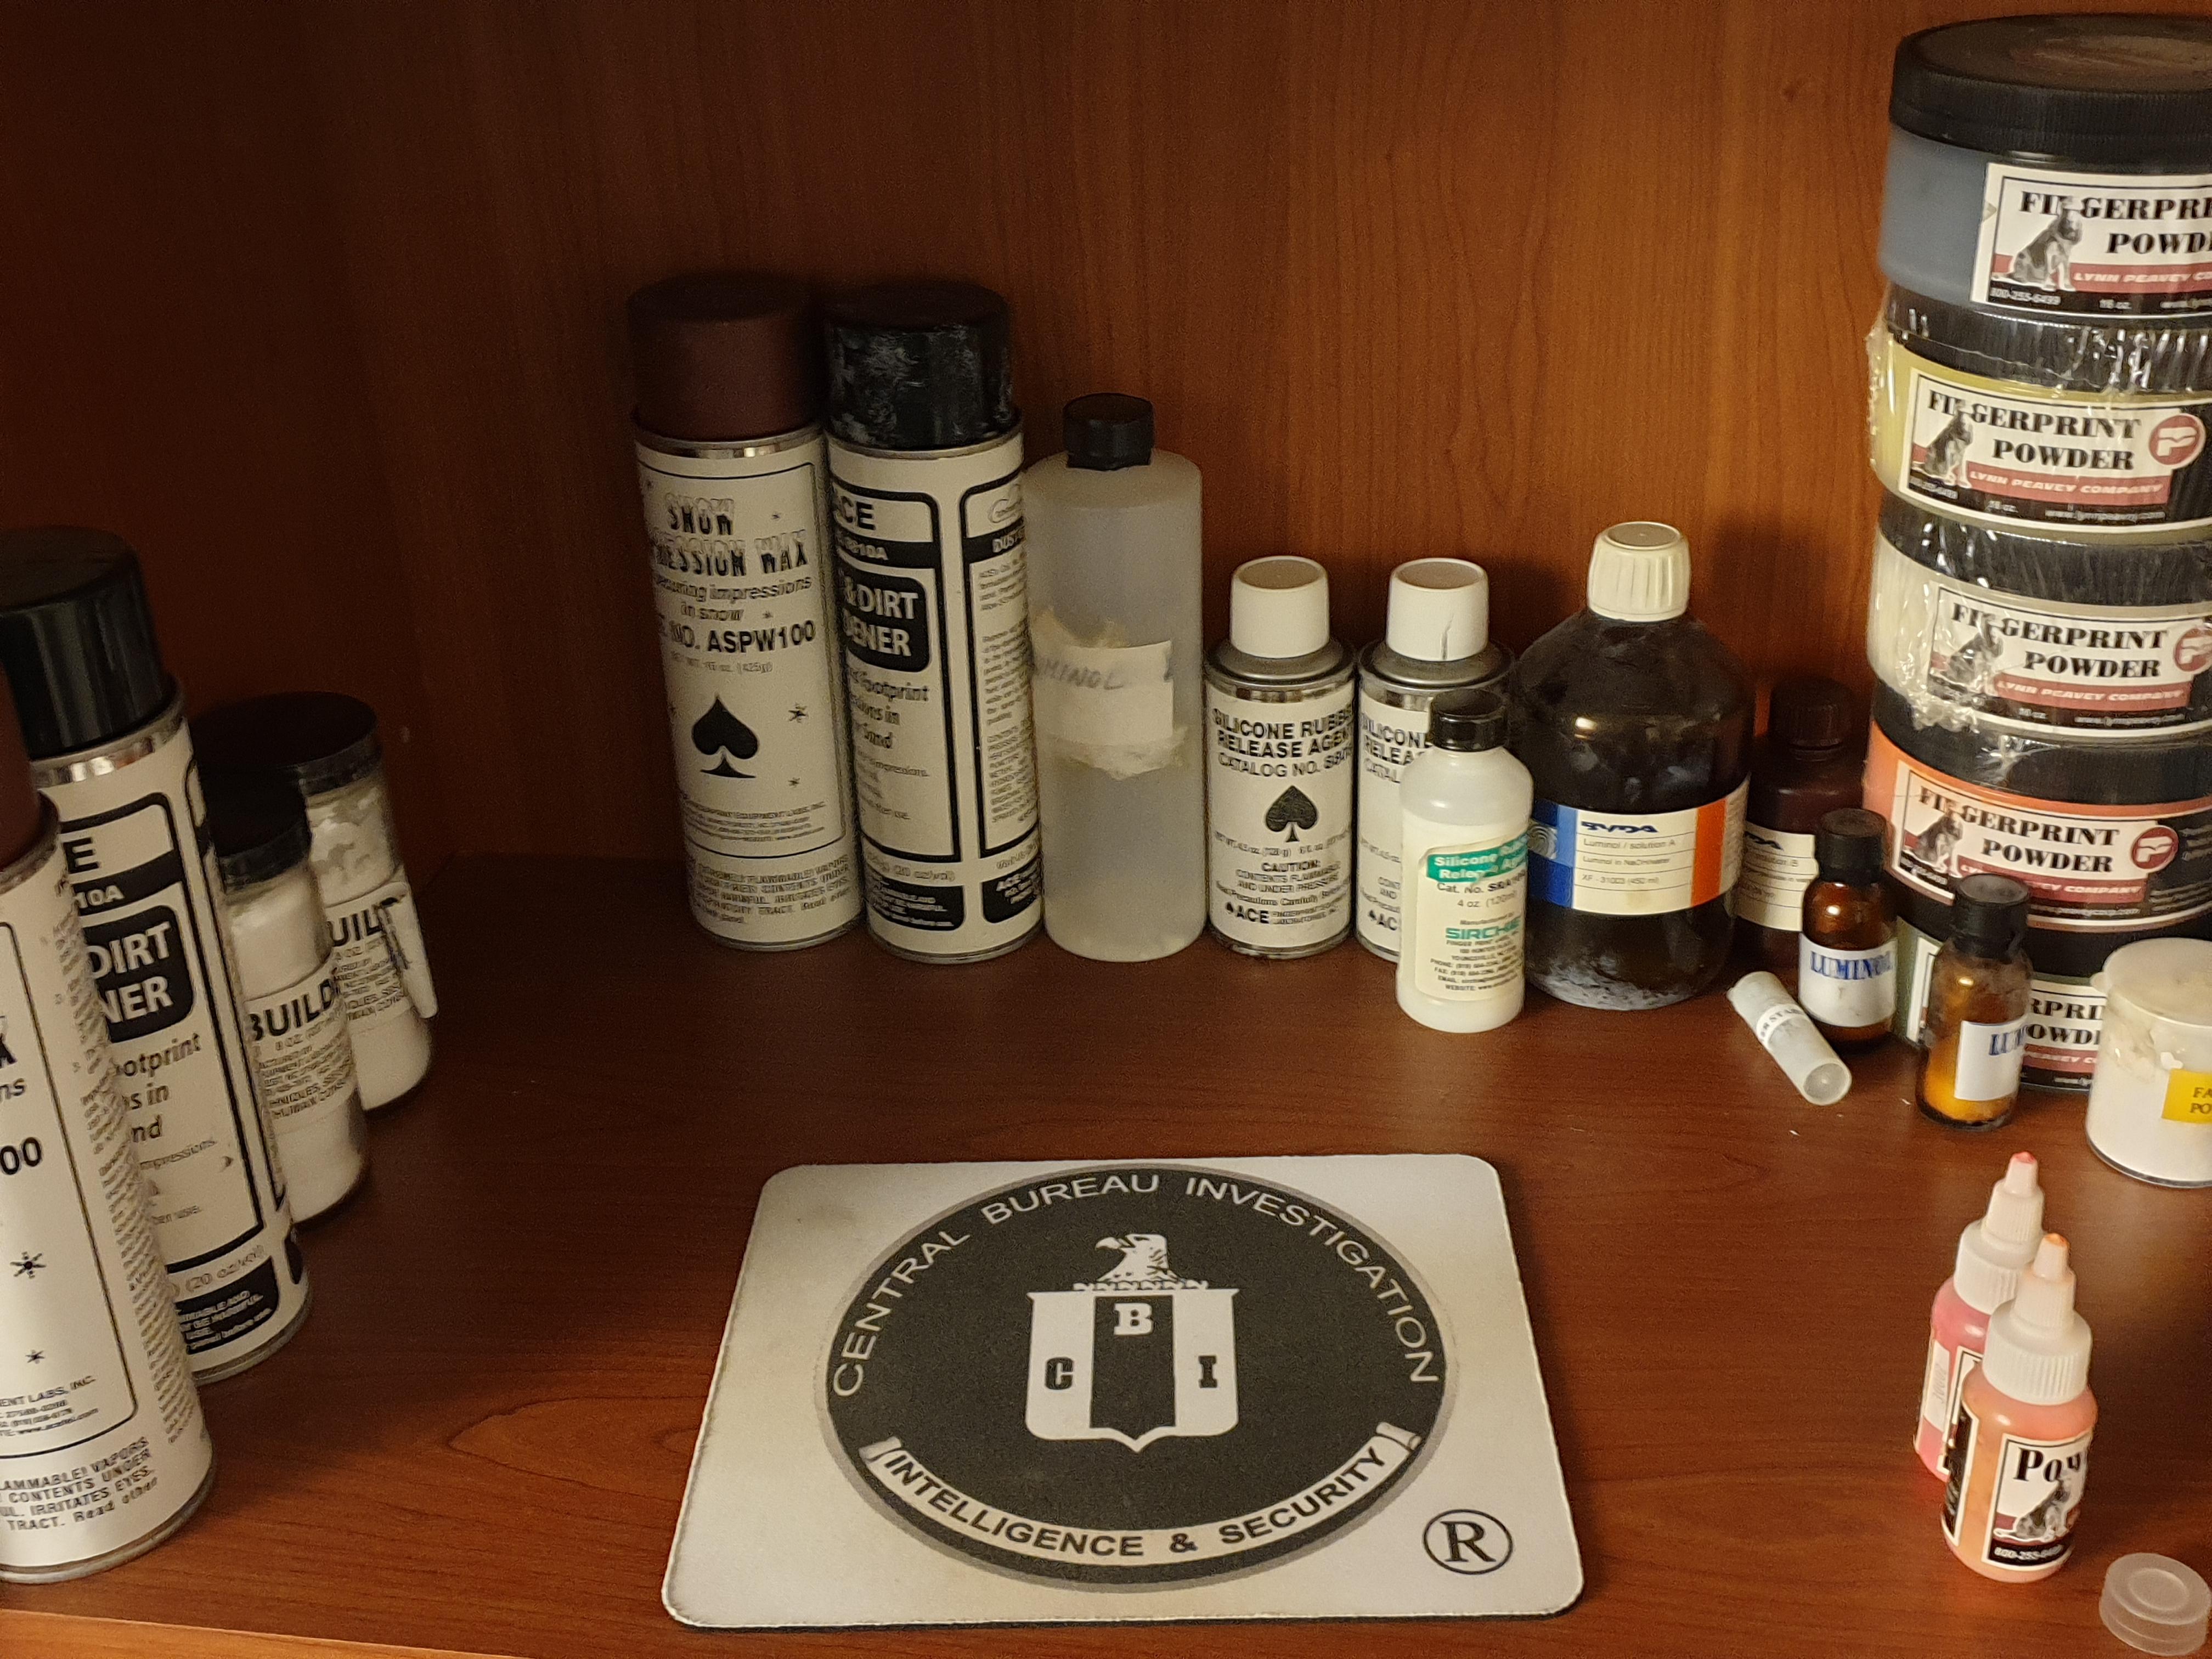 Reagenti e polveri utilizzate per le impronte digitali